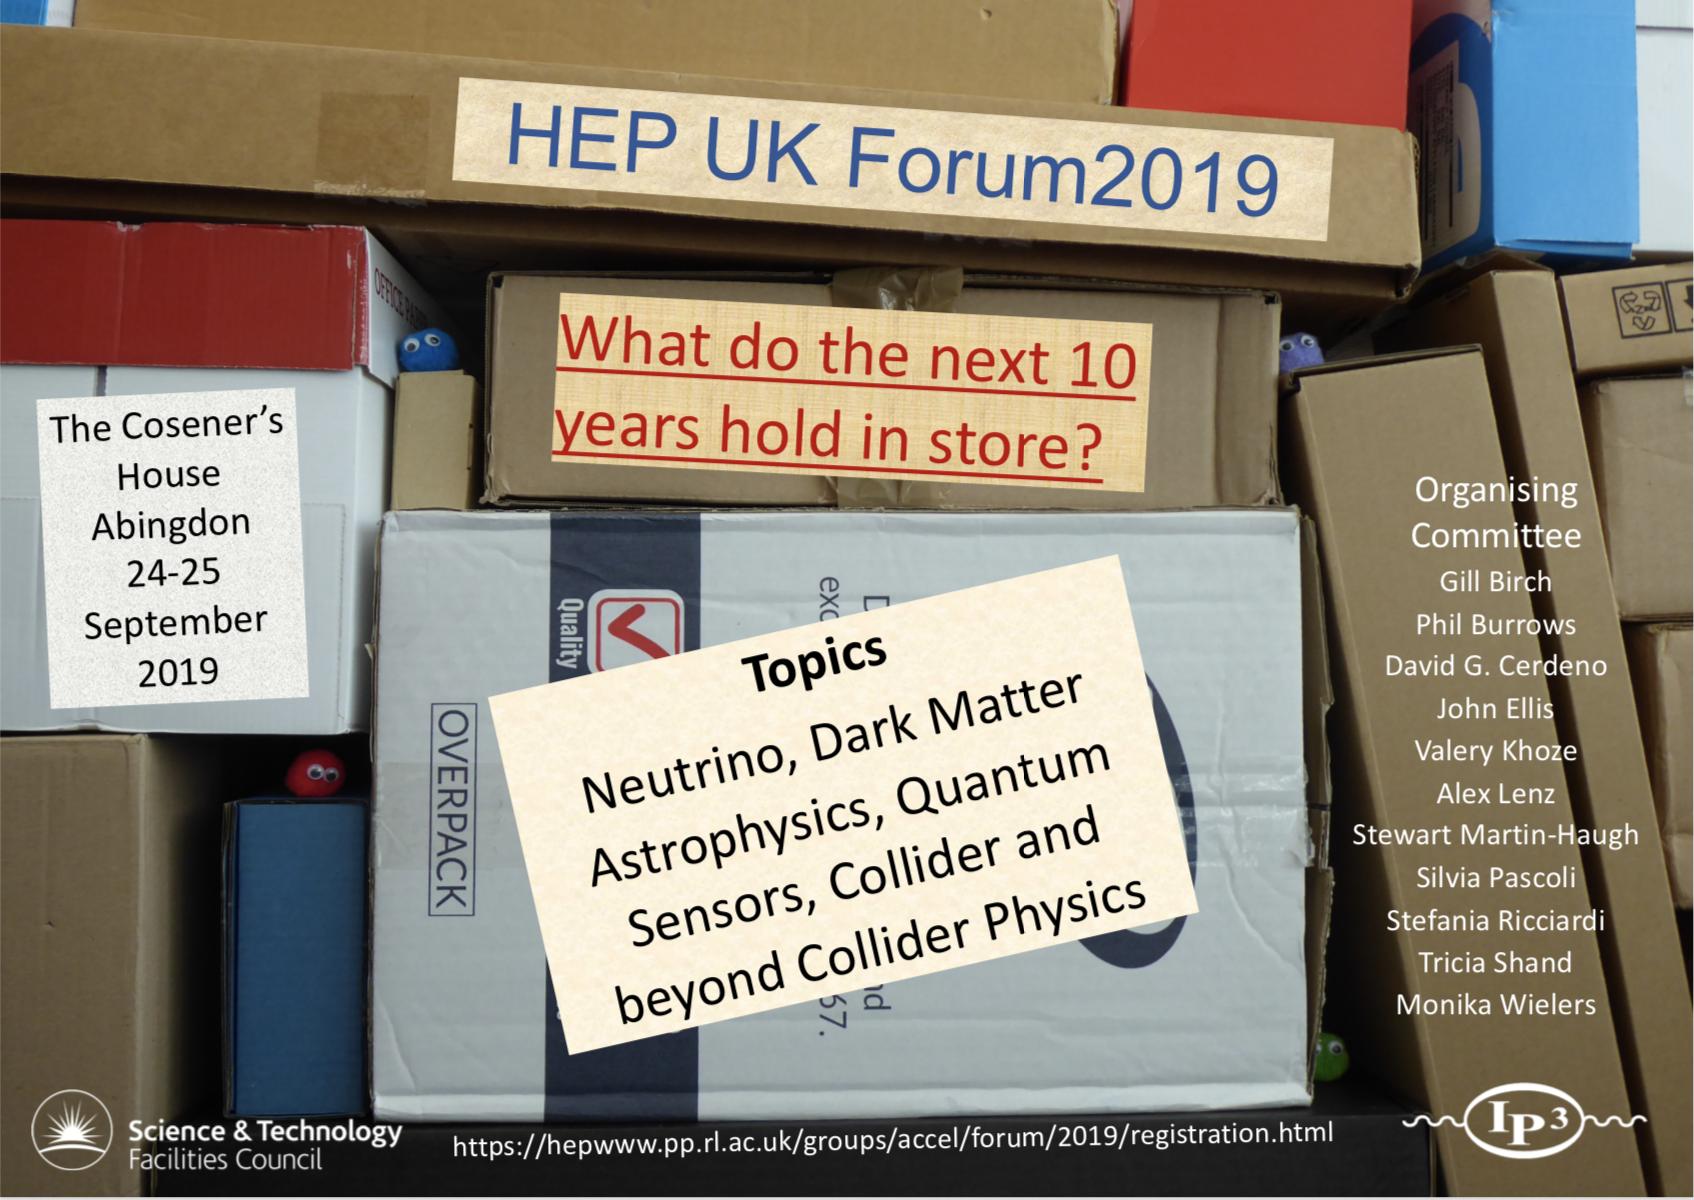 UK HEP Forum 2019